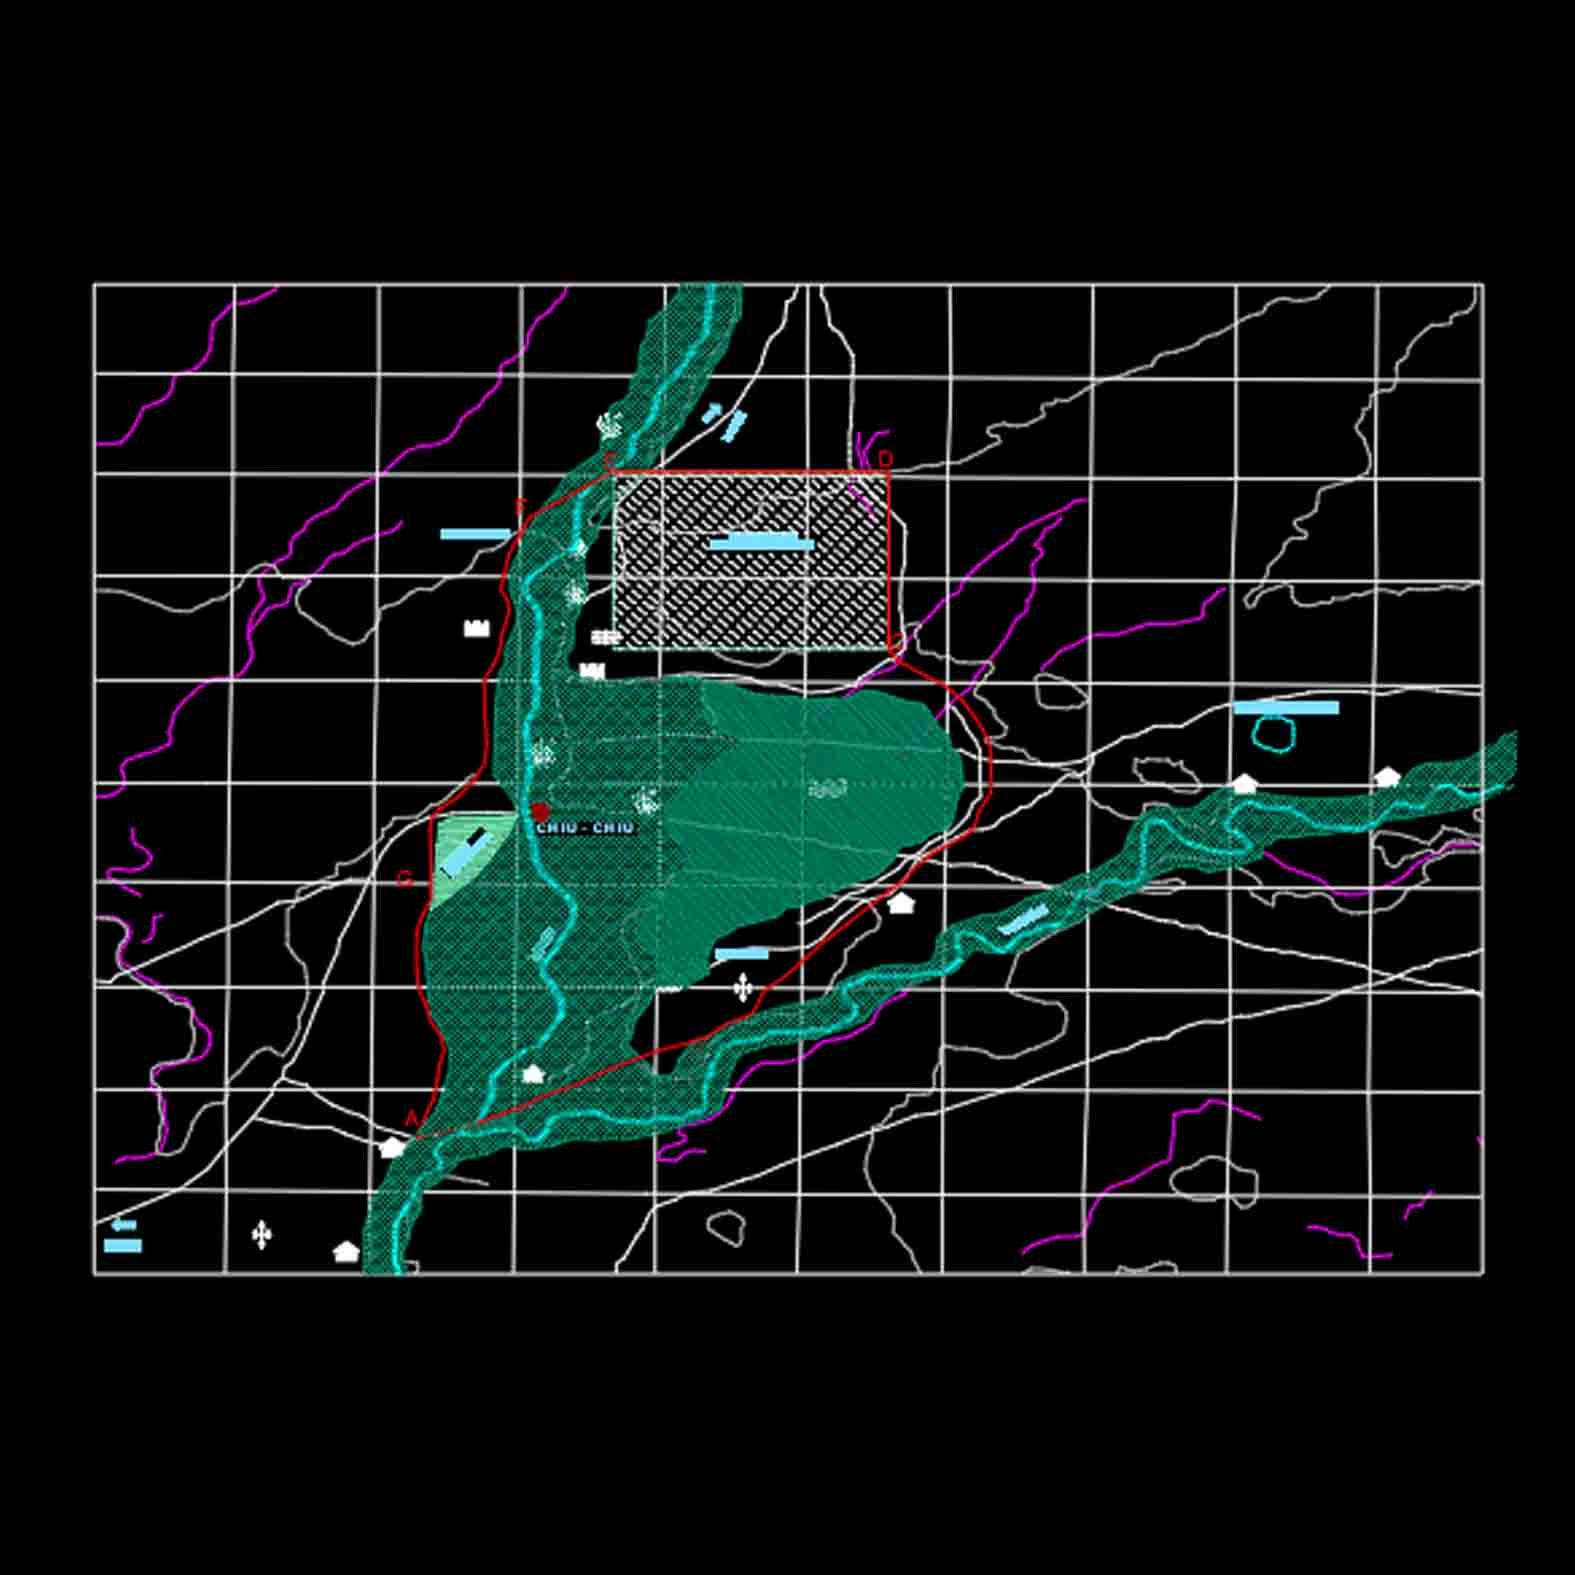 Plano: San Francisco de Chiu Chiu / Zona Típica